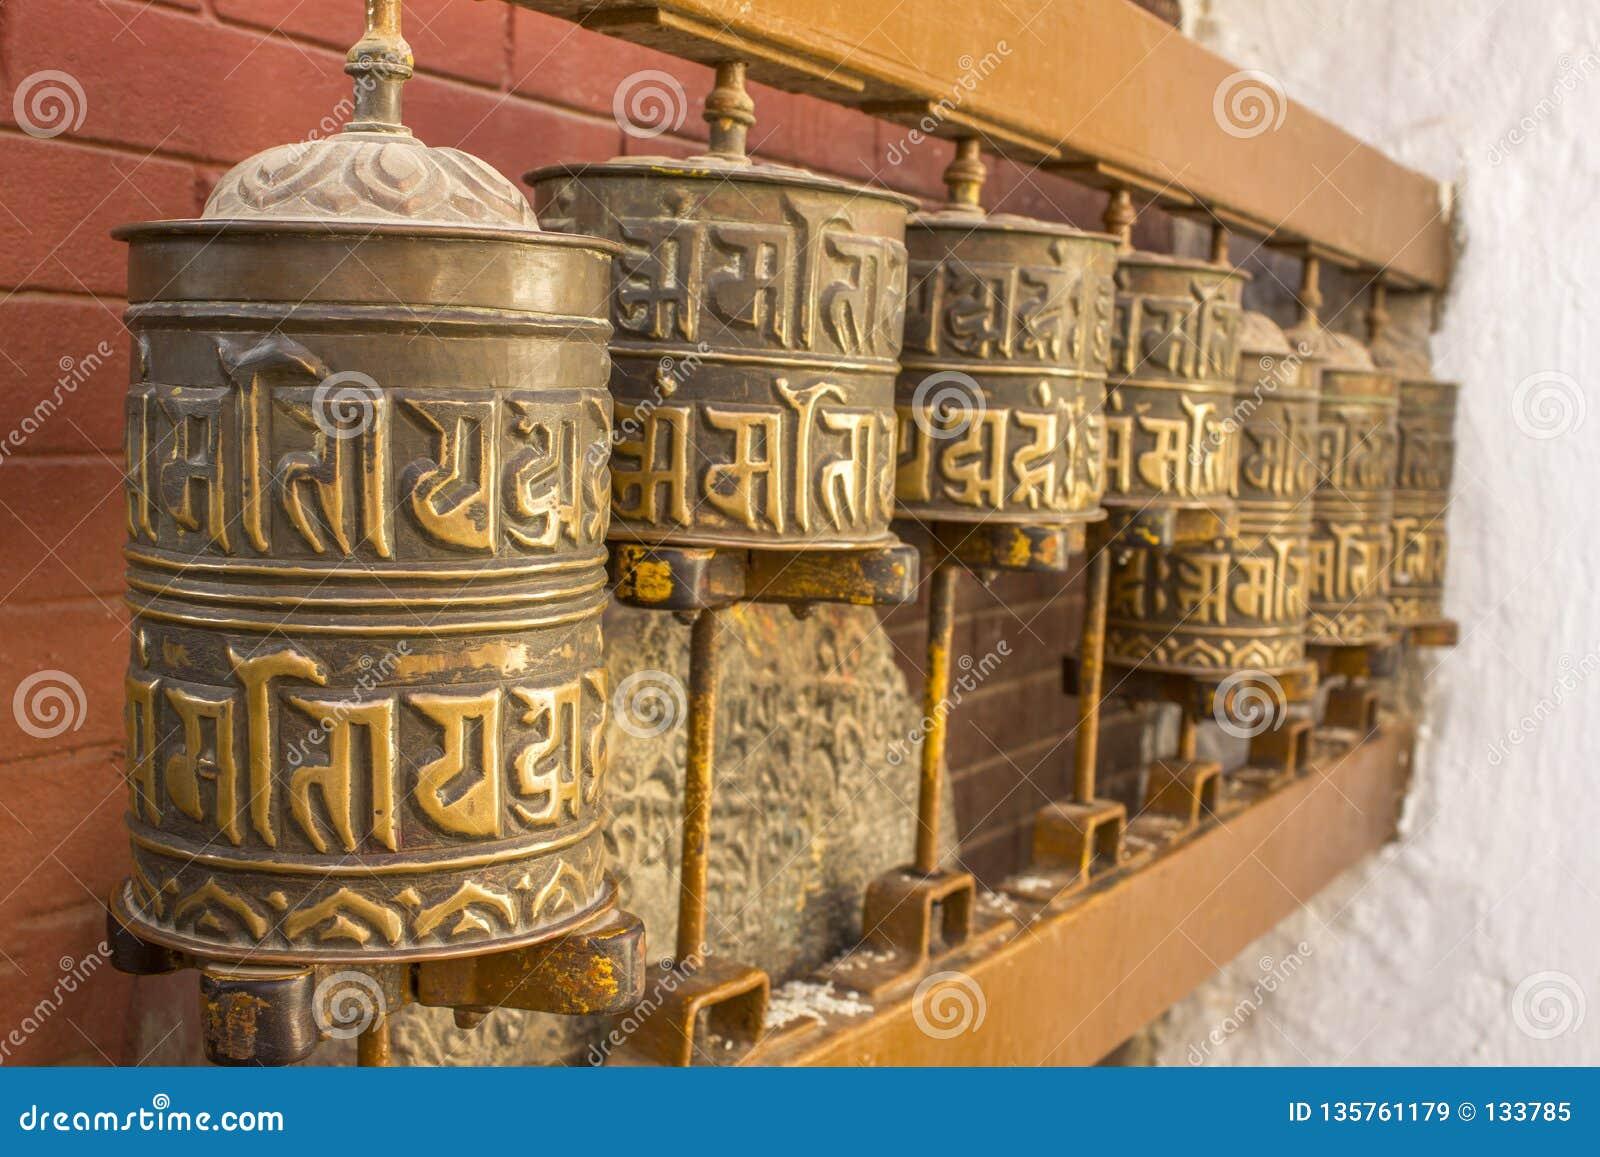 Cilindros de gerencio budistas tibetanos da oração com mantras